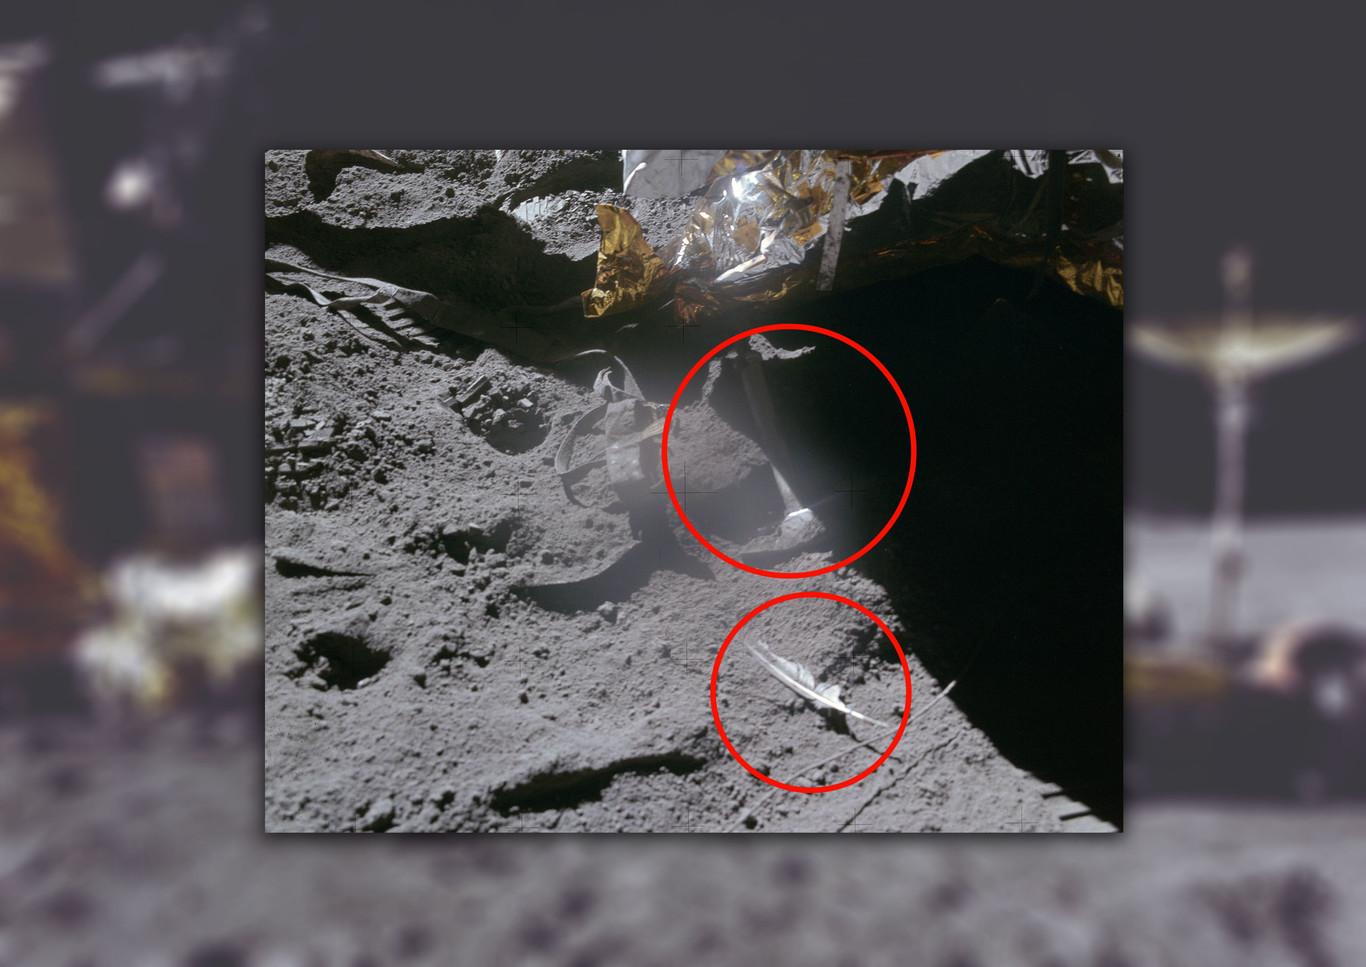 La historia de la pluma y el martillo que un astronauta dejó caer en la Luna en homenaje a Galileo